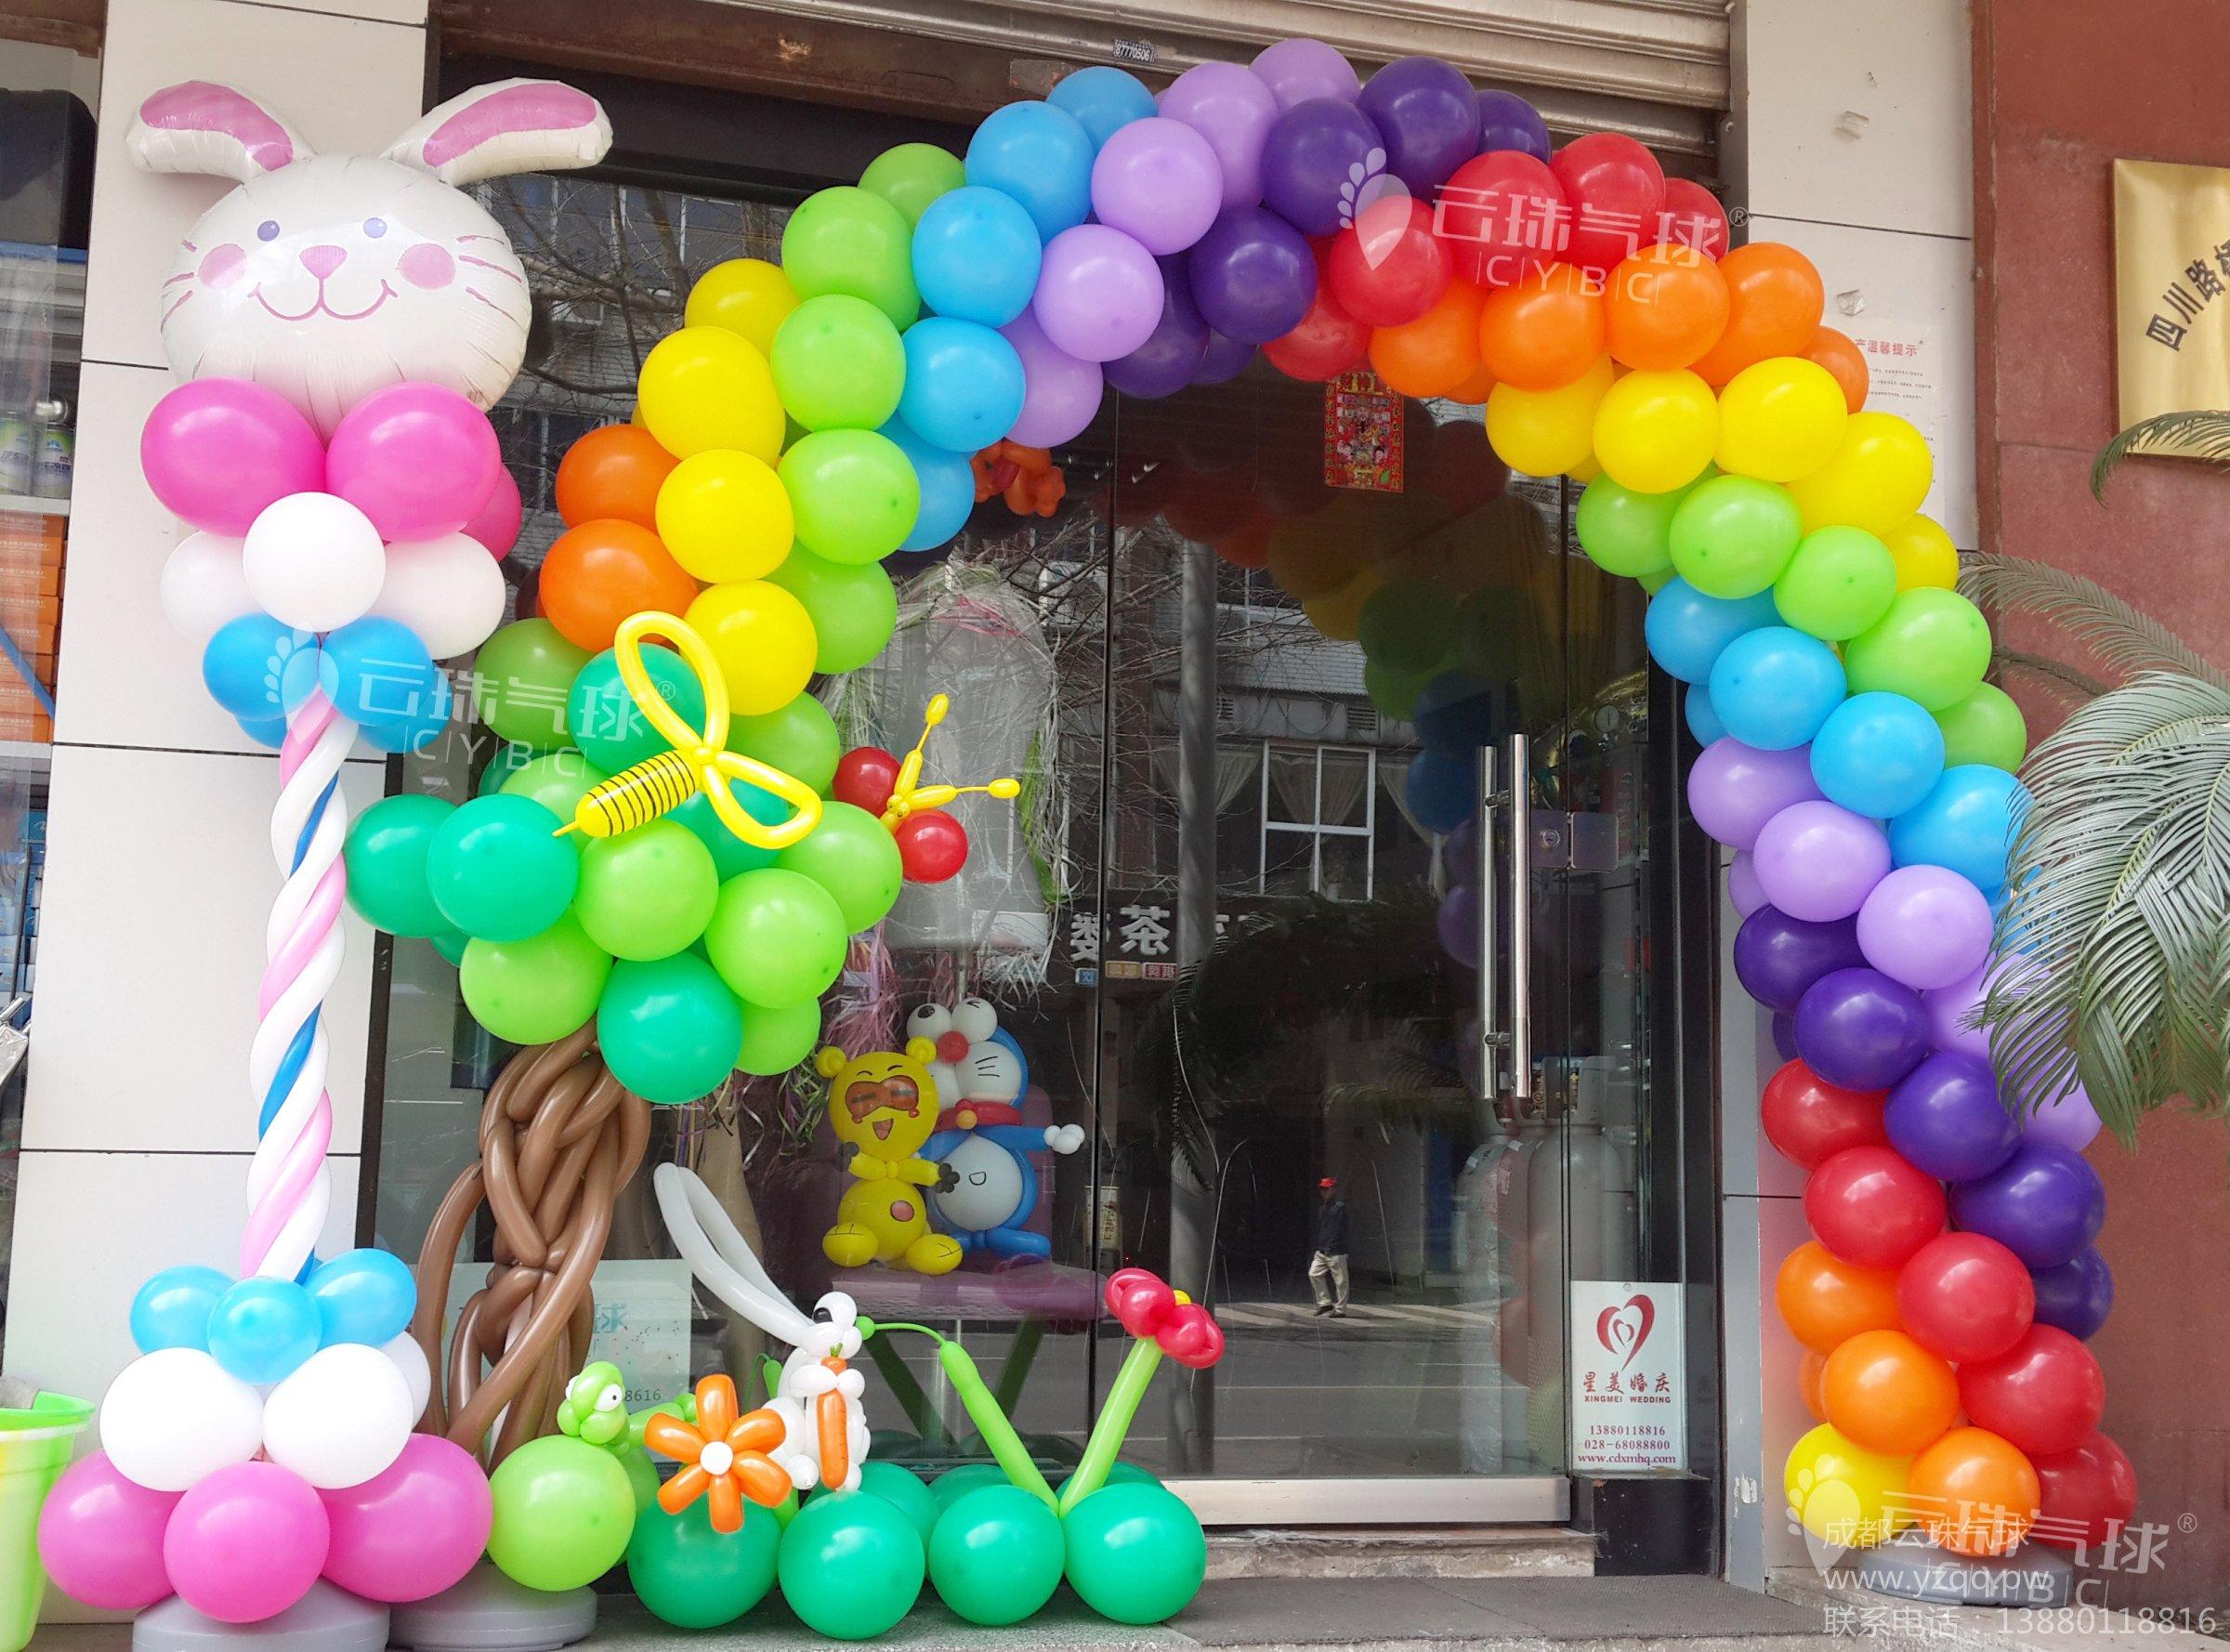 供应卡通动物主题气球装饰/气球百日宴/动物气球/卡通气球/百日宴气球装饰